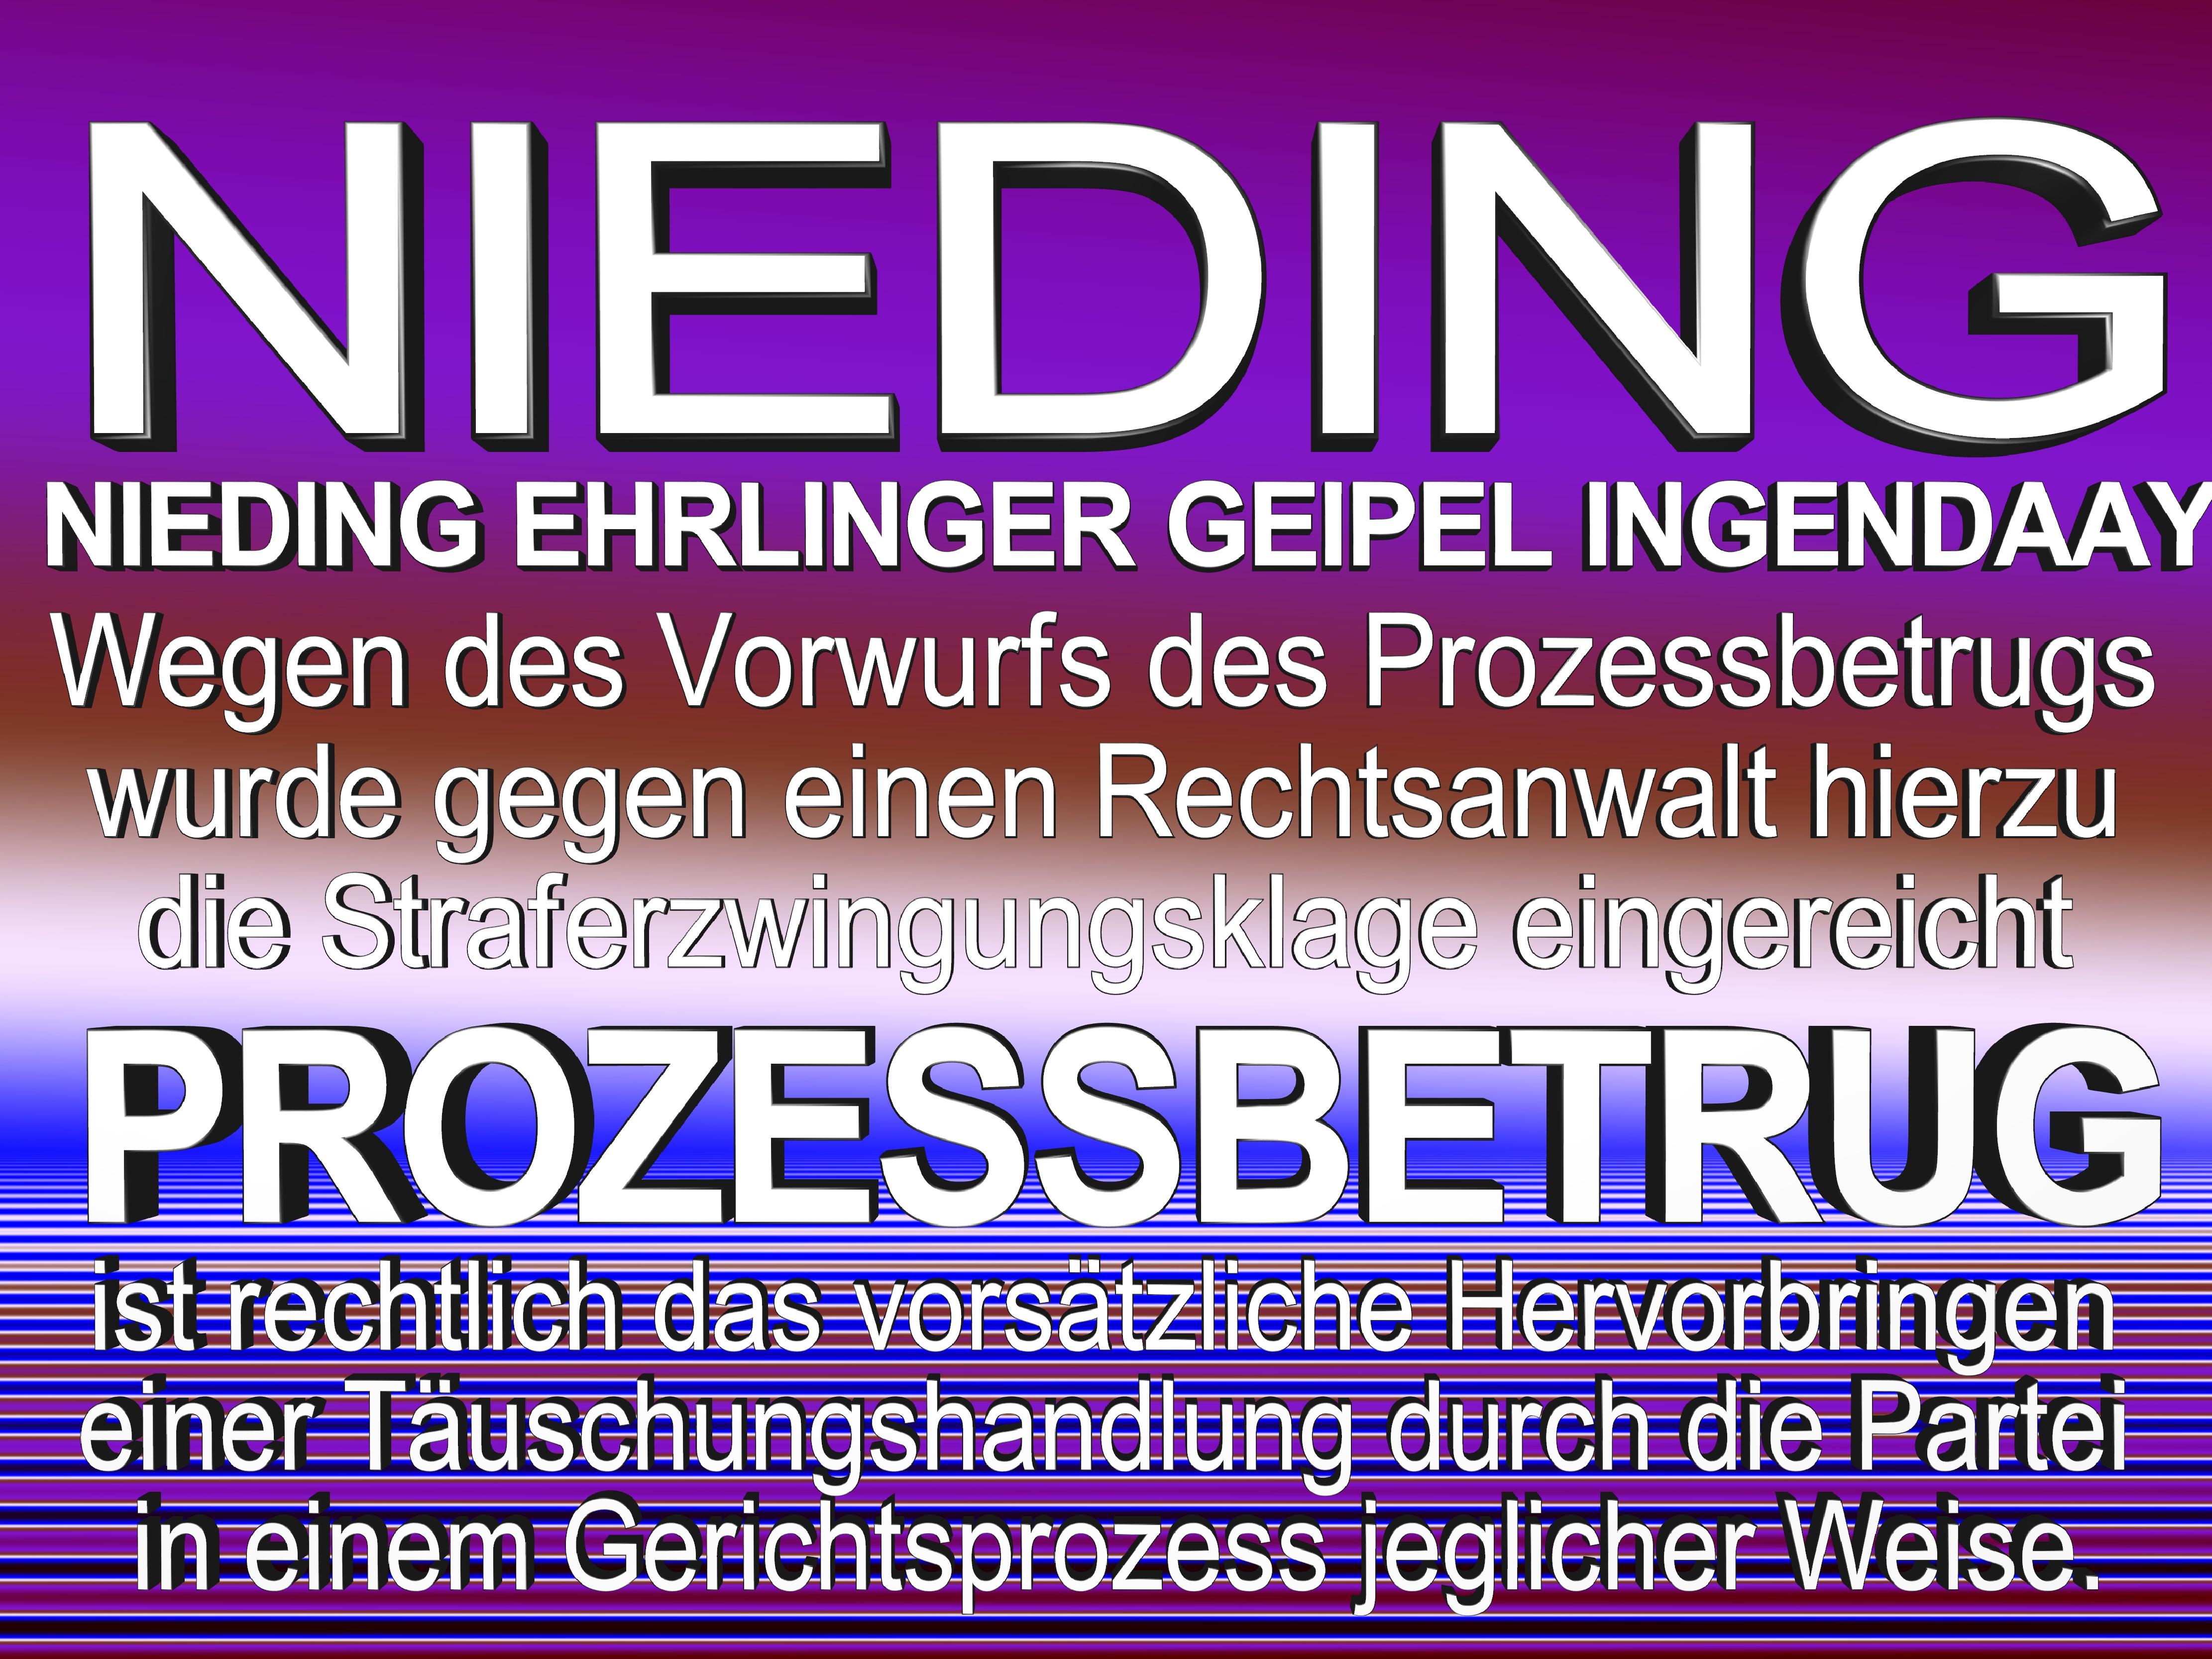 NIEDING EHRLINGER GEIPEL INGENDAAY LELKE Kurfürstendamm 66 Berlin (57)